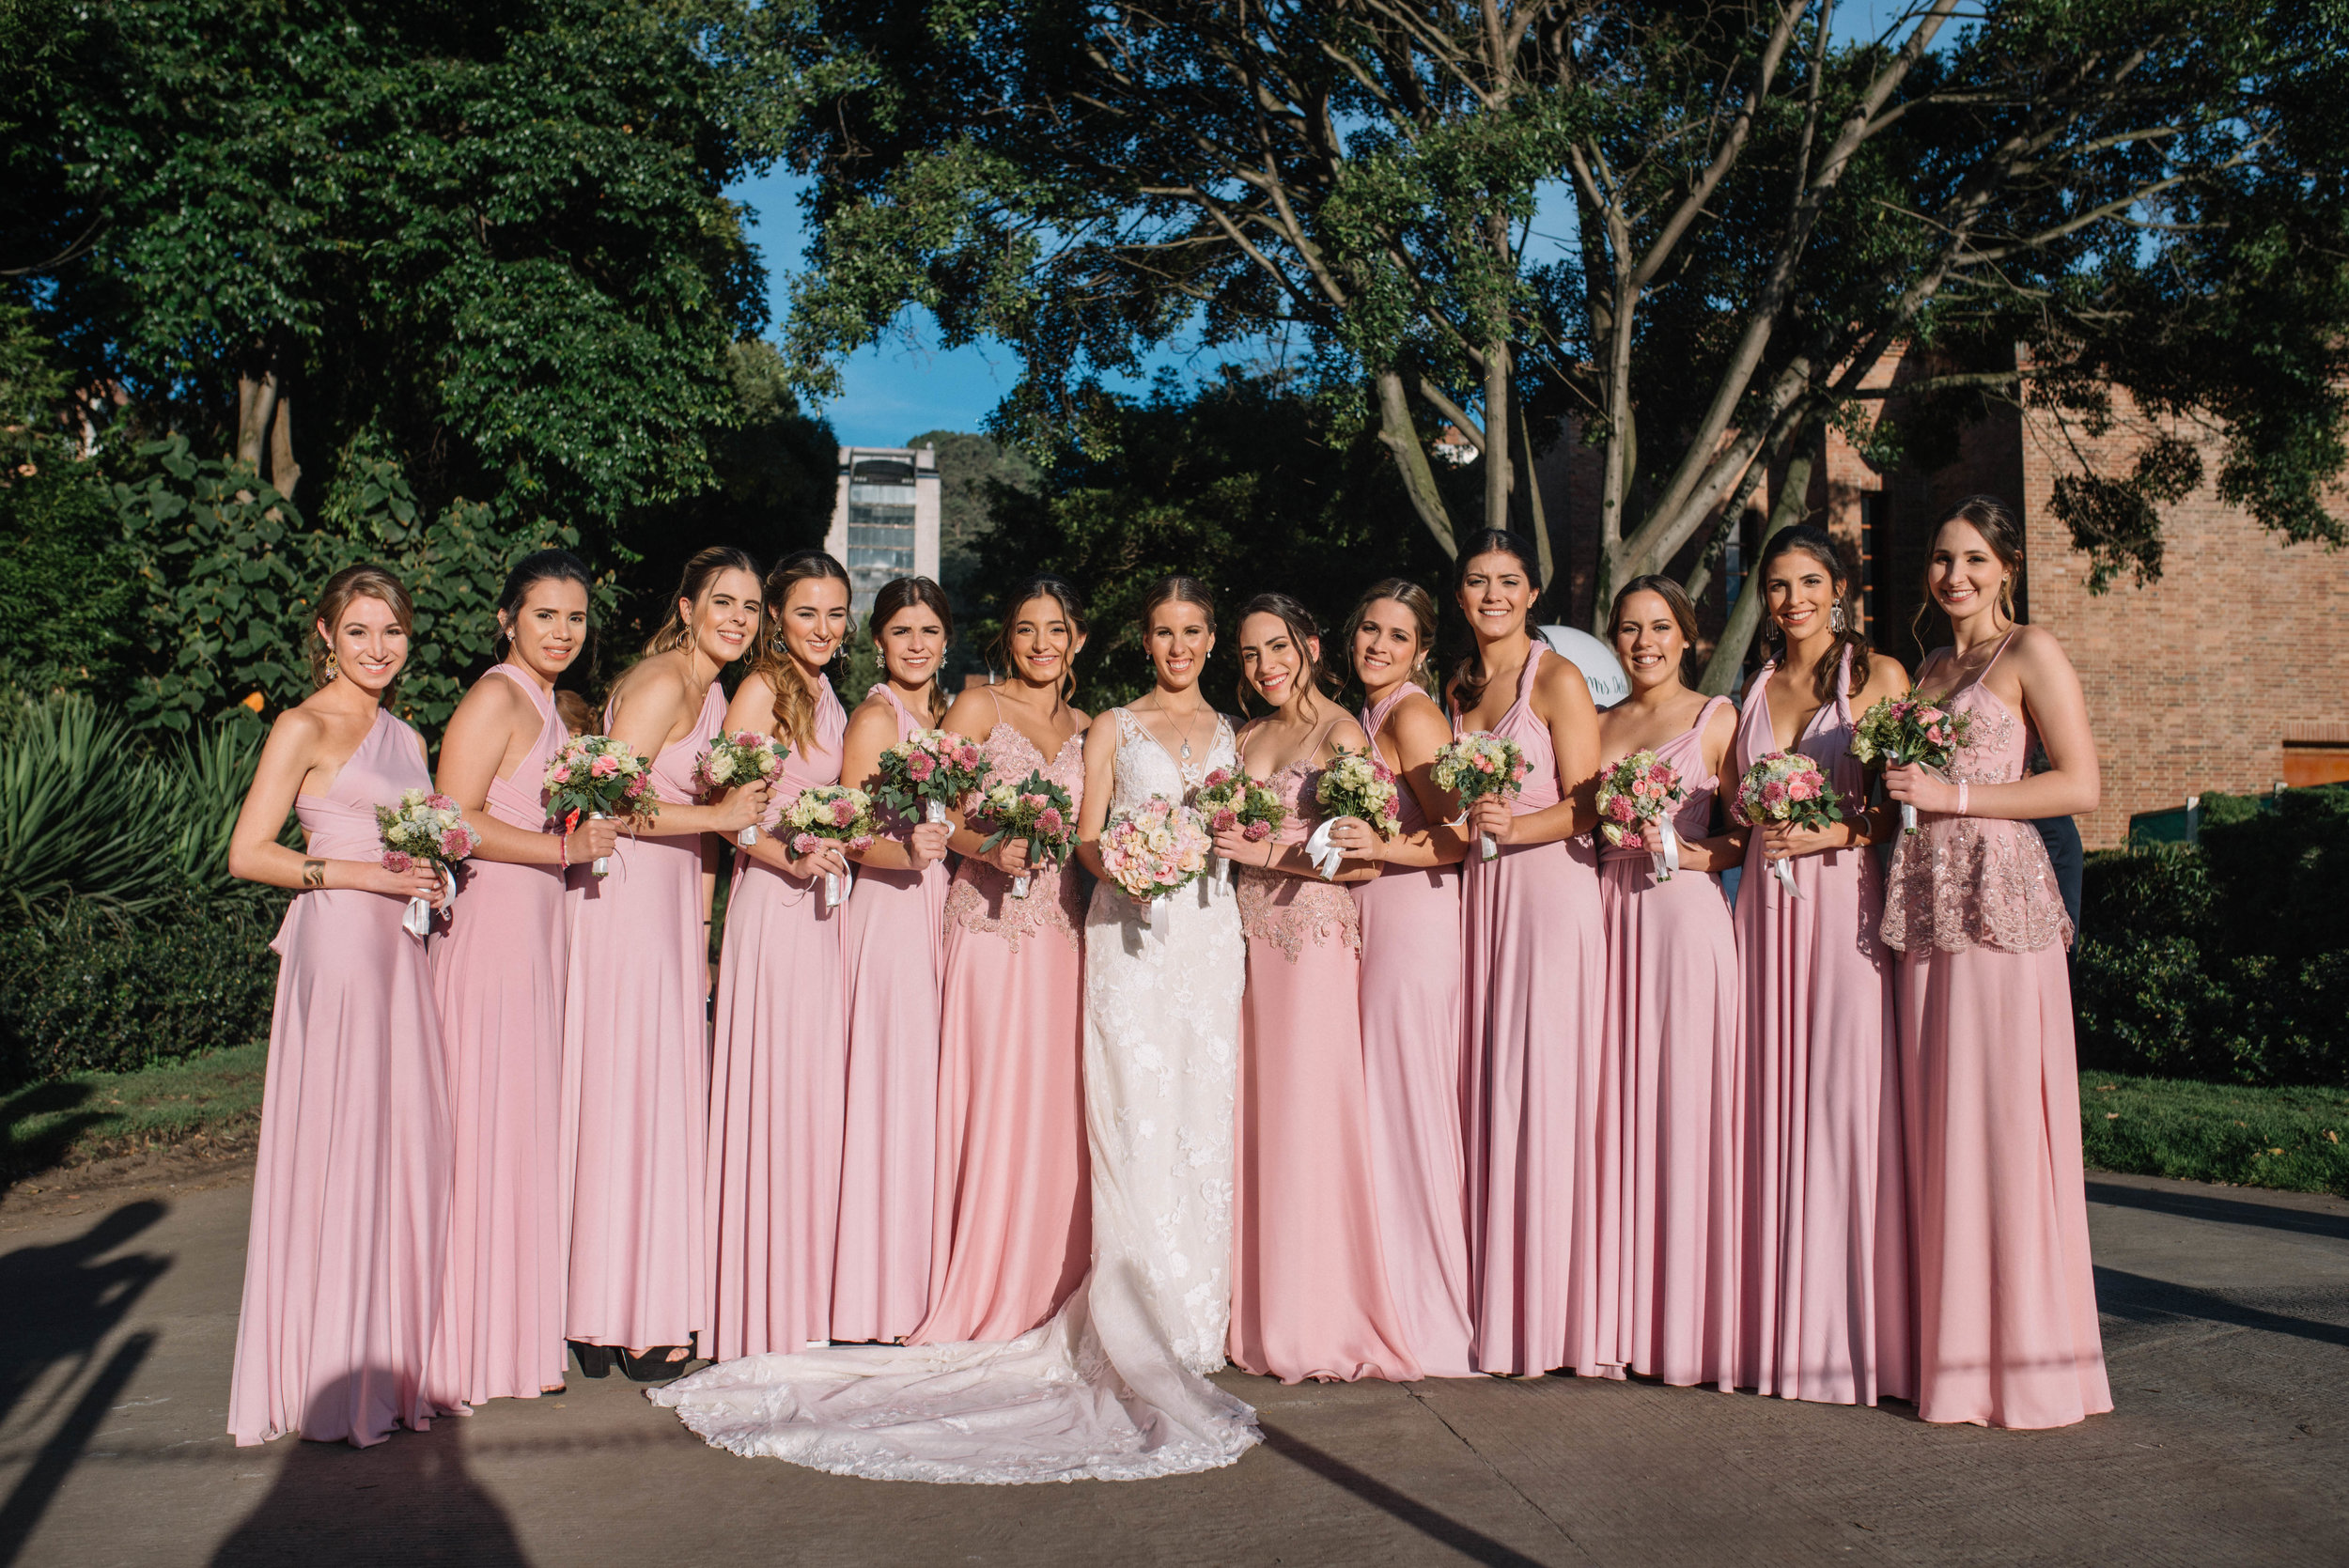 julieth-brav-wedding-planner-bodas-destino-matrimonio-venezolano-cortejo-destino-bogota-cartagena-cali-medellin.JPG